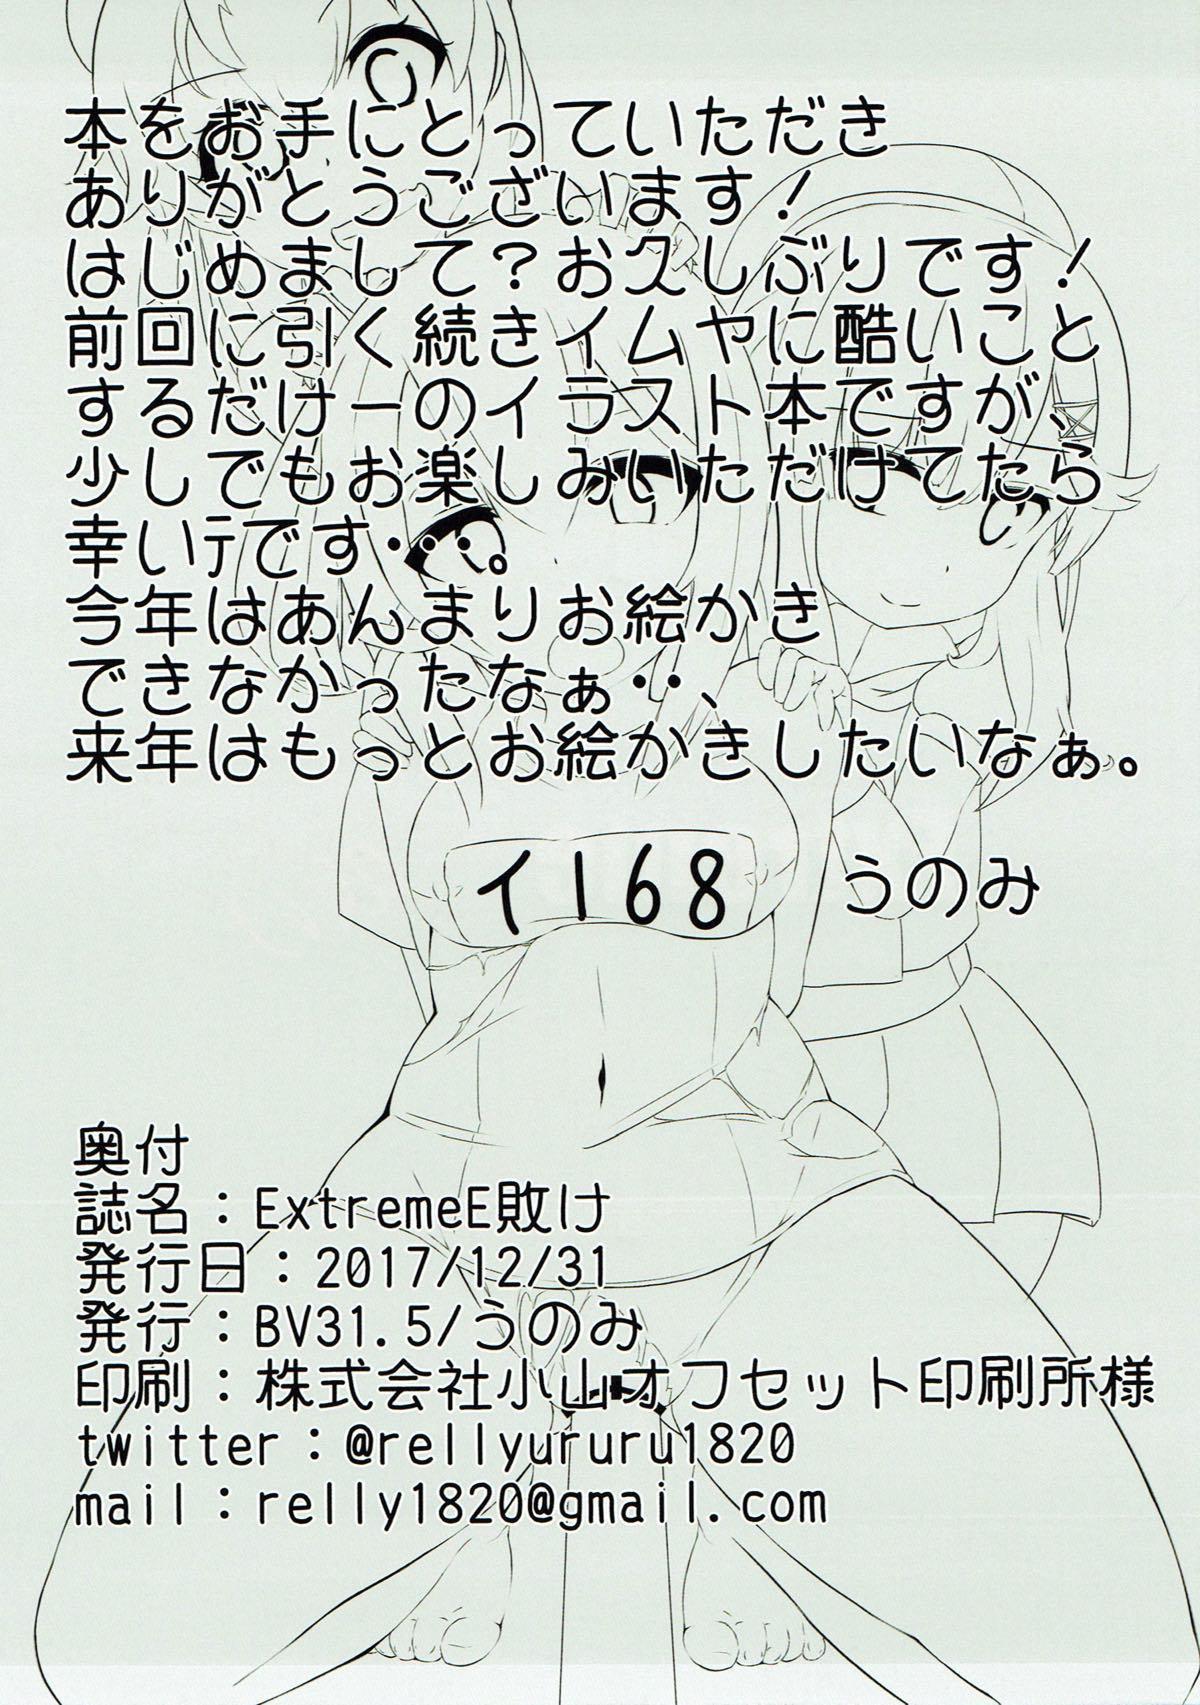 Extreme E Make - Extreme defeat E 13